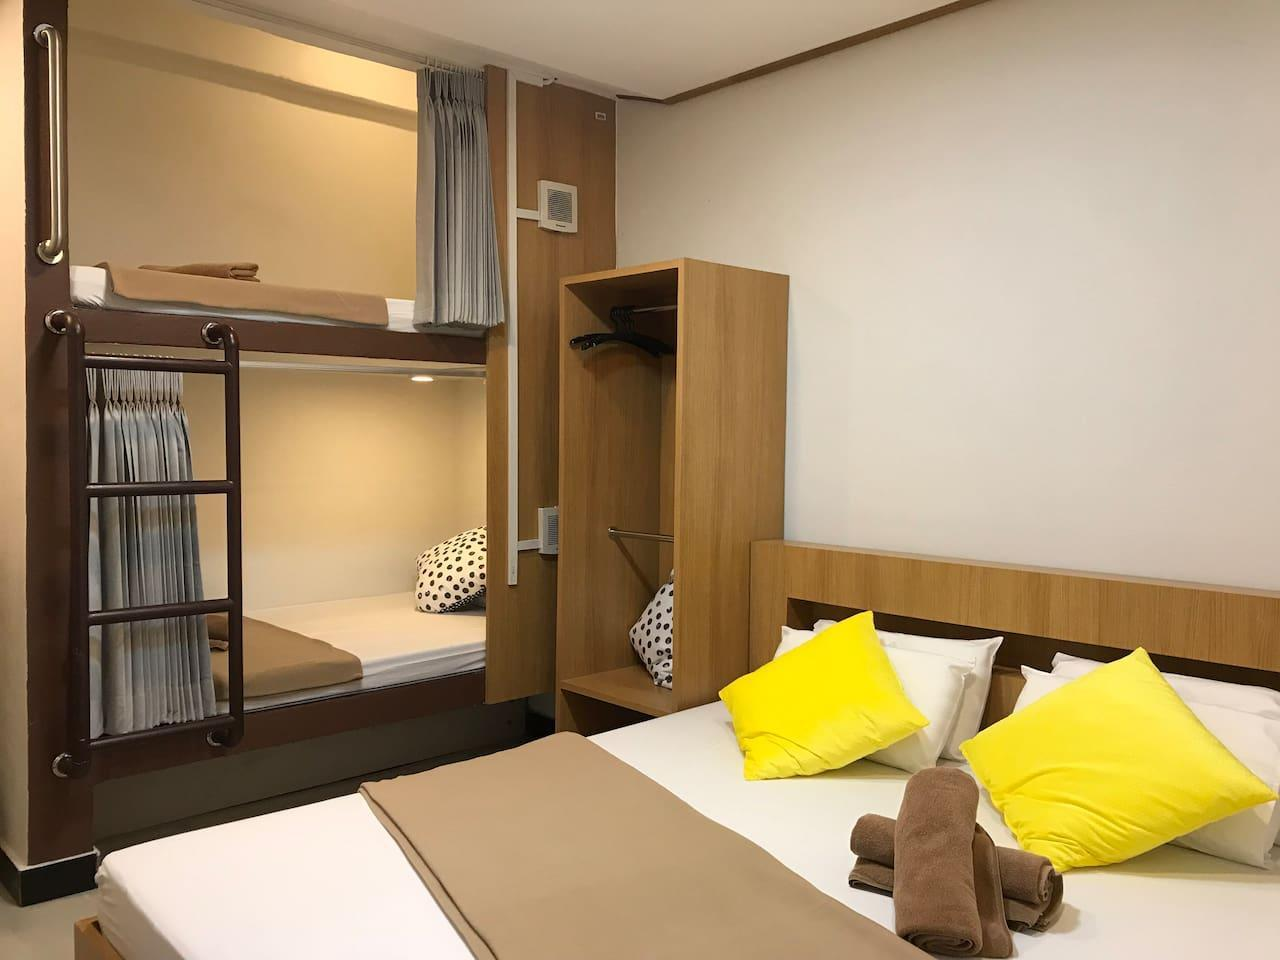 Express Hostel อพาร์ตเมนต์ 1 ห้องนอน 1 ห้องน้ำส่วนตัว ขนาด 30 ตร.ม. – สาทร